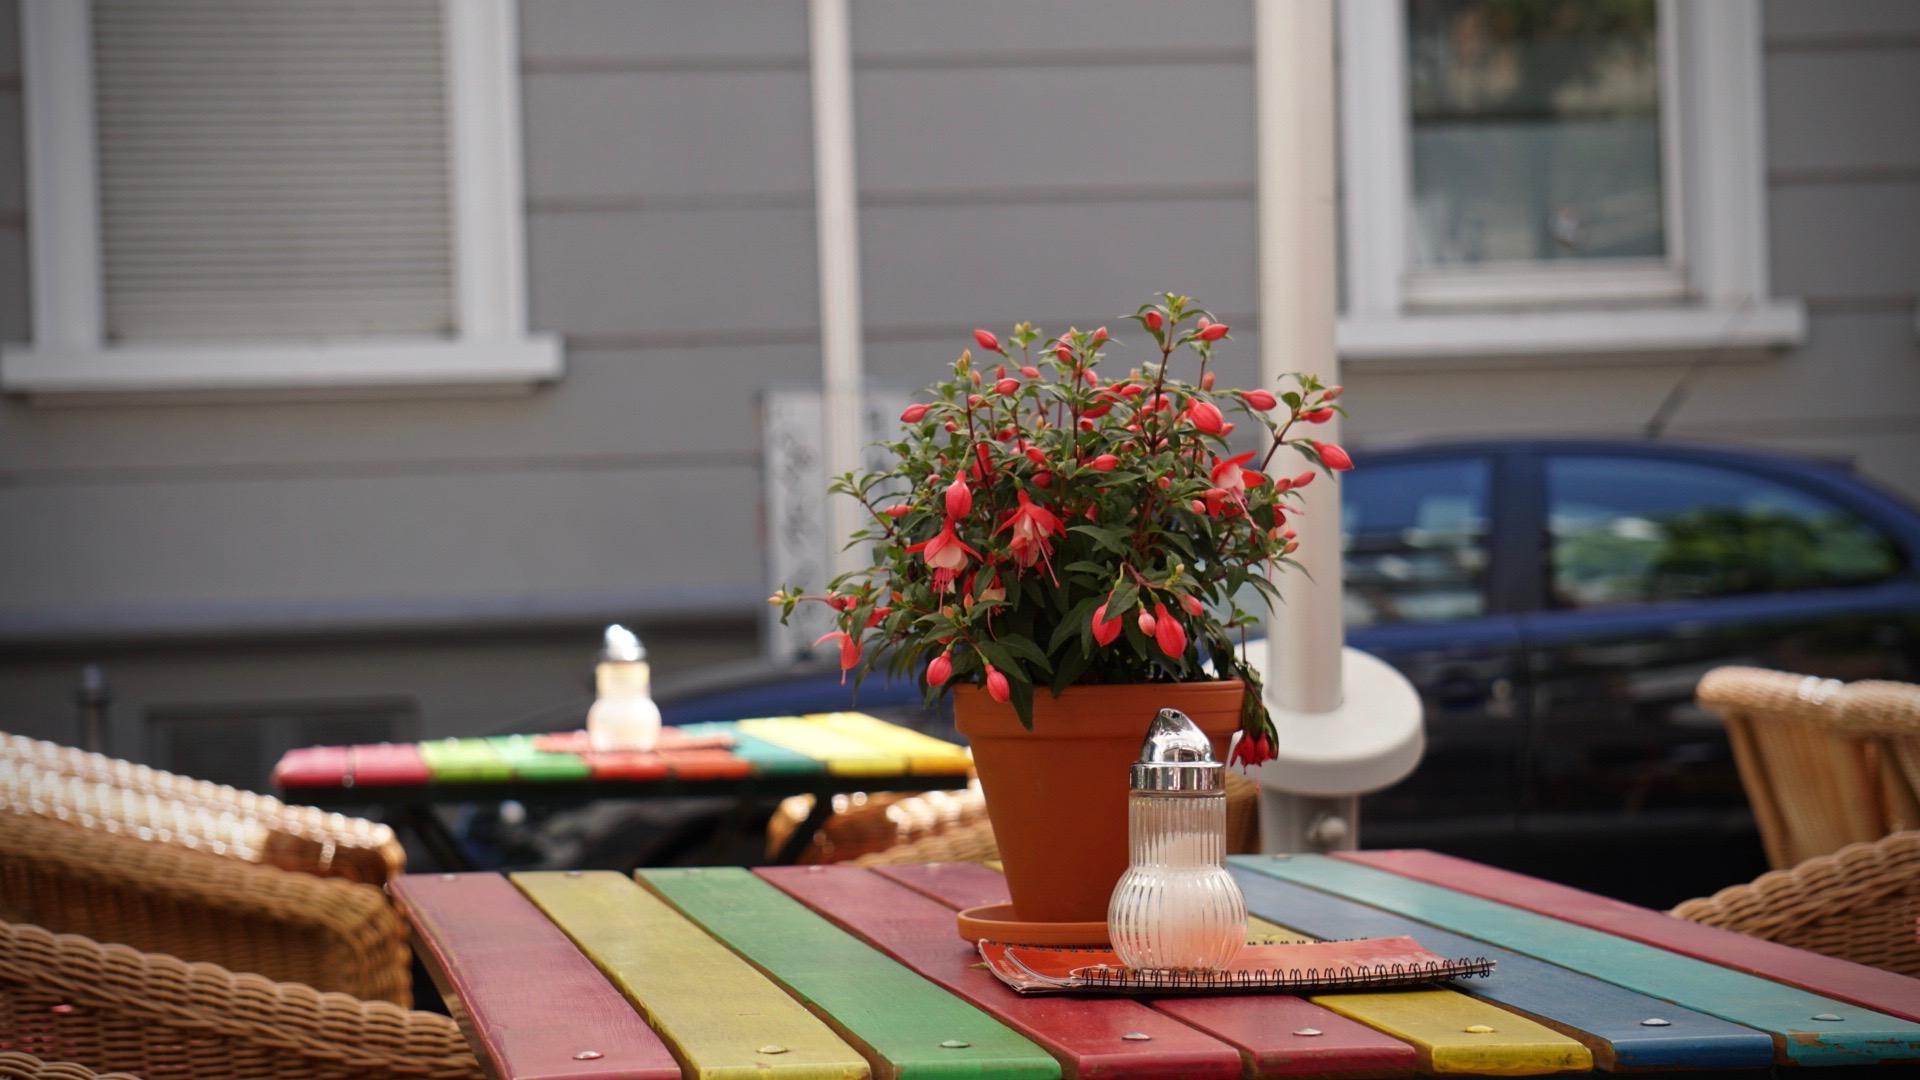 Die bunten Tische vor dem Restaurant verlocken zum Verweilen - egal, ob im Schatten oder in der Sonne